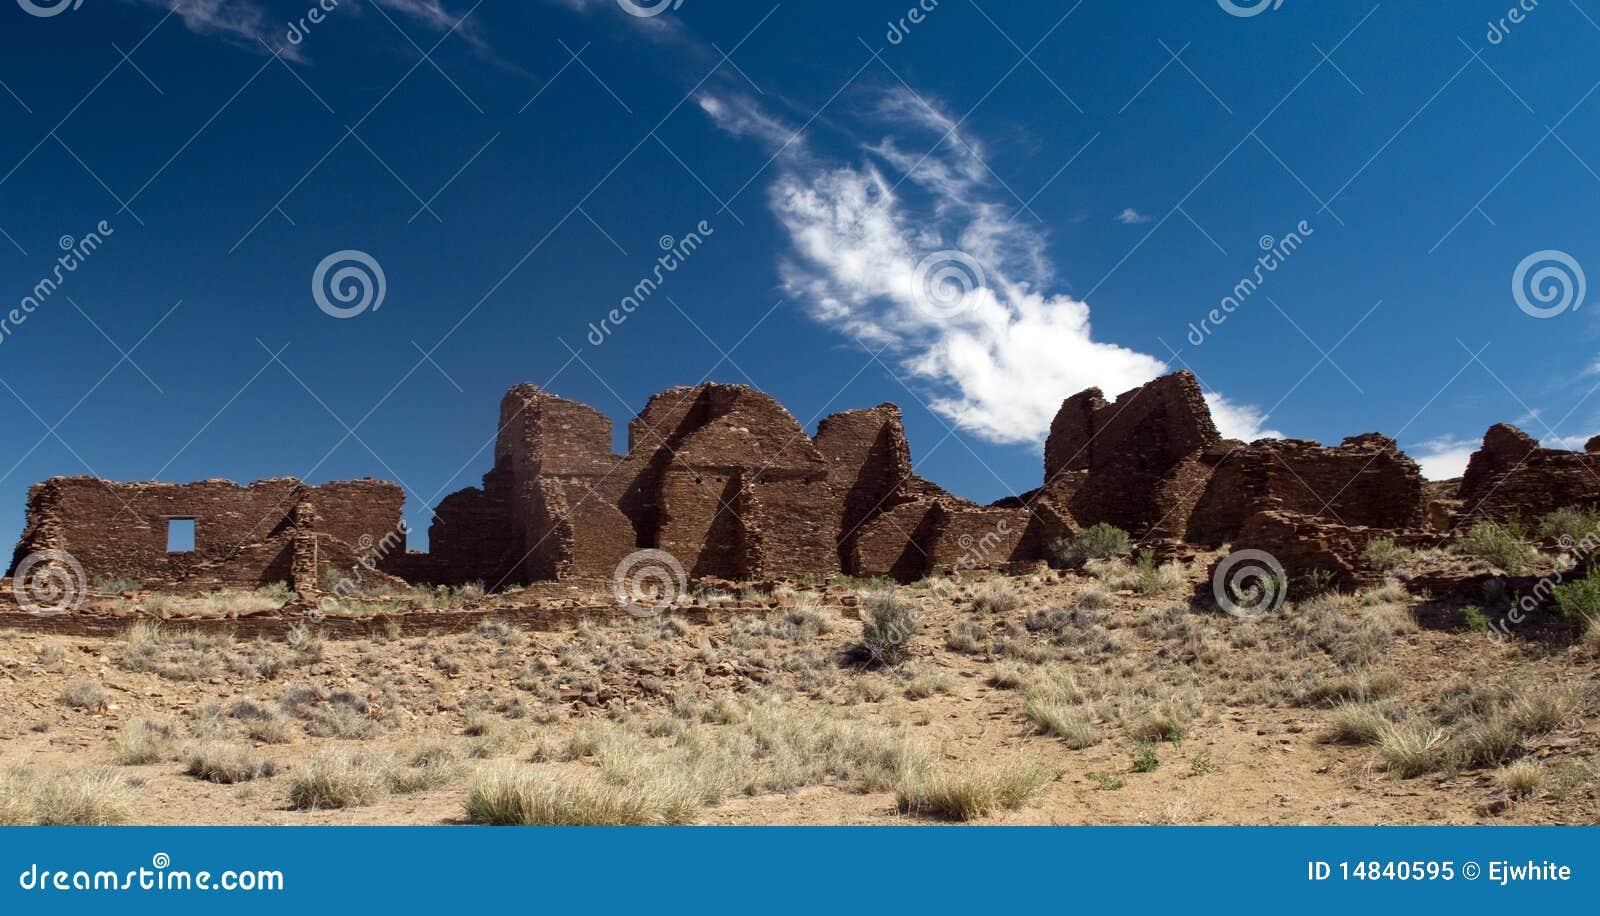 Kin canyon